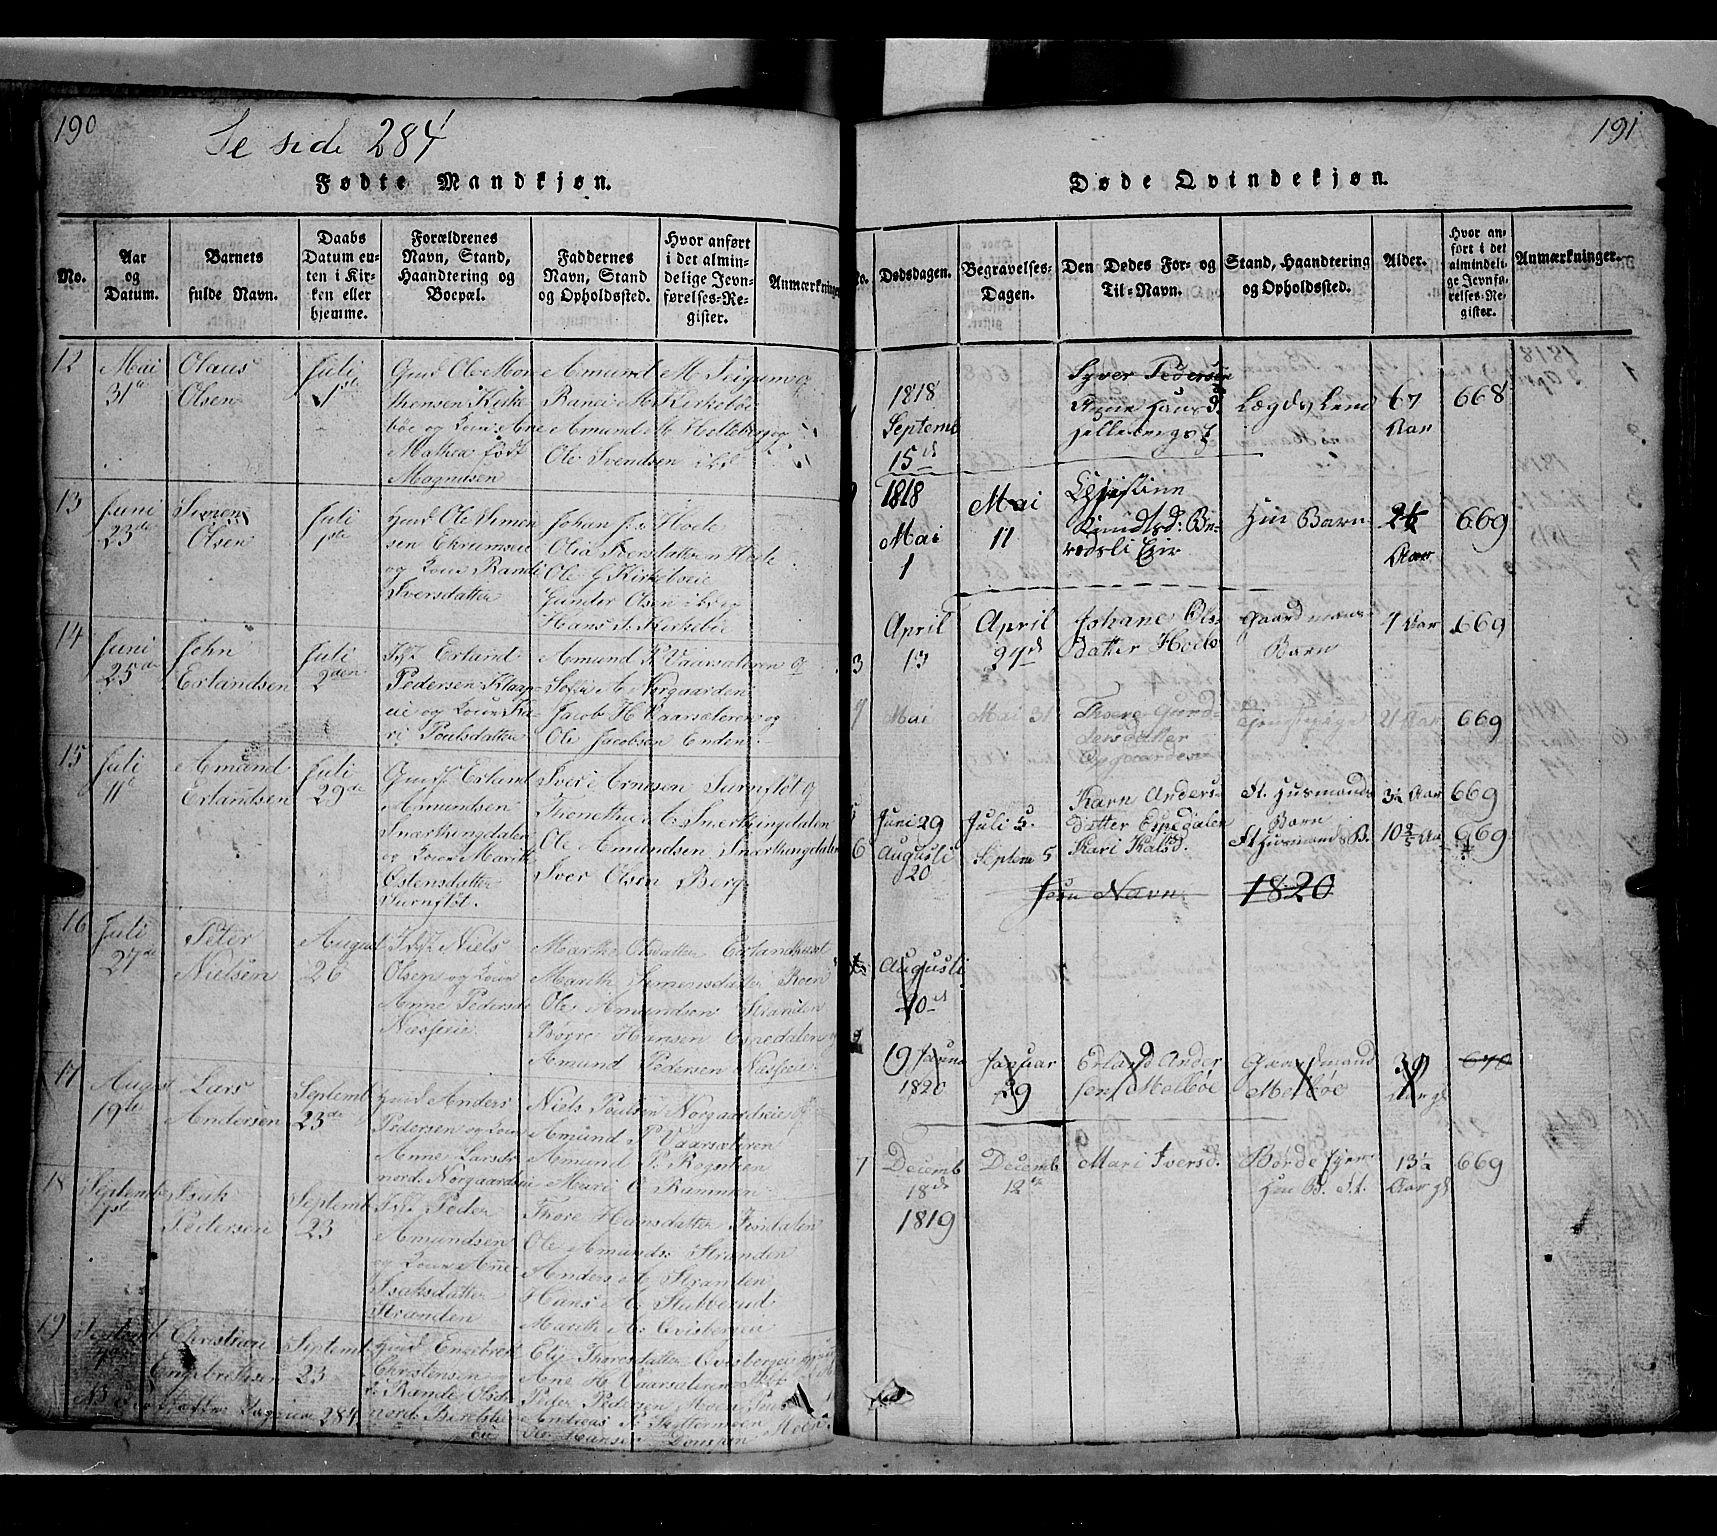 SAH, Gausdal prestekontor, Klokkerbok nr. 2, 1818-1874, s. 190-191